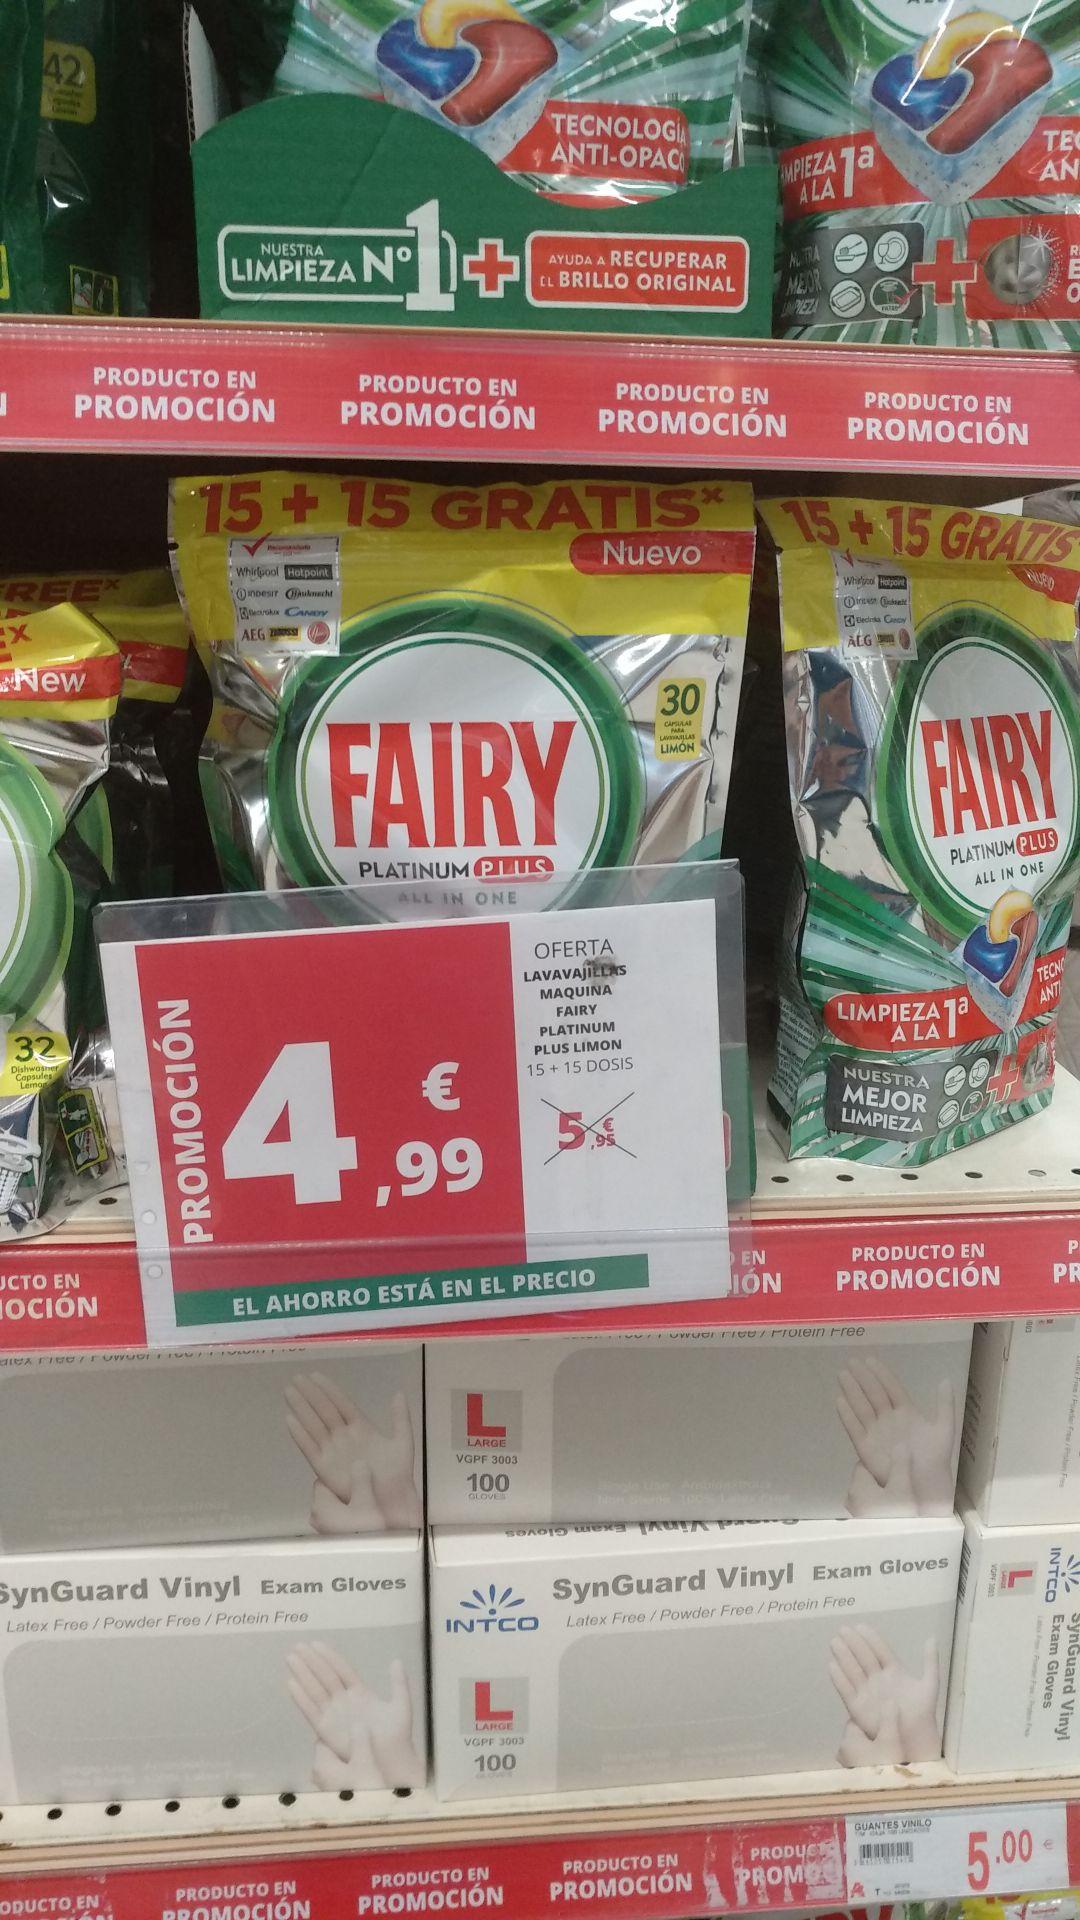 Fairy platinum plus 30 pastillas y fairy tradicional 42 pastillas lavavajillas por 4,99